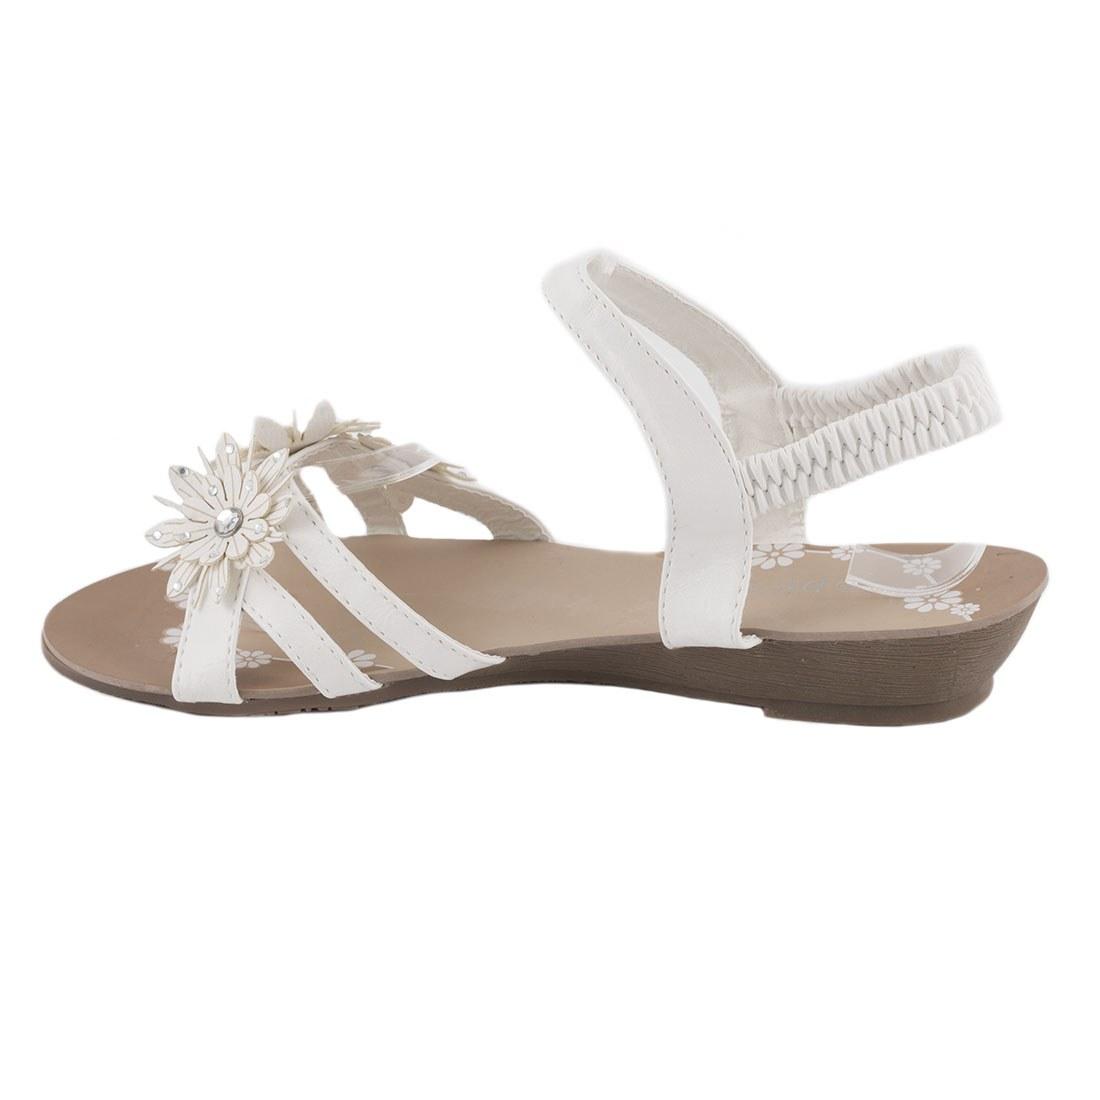 Sandale dama cu talpa joasa TP-02-ALB la 29,99Lei - Zibra.ro